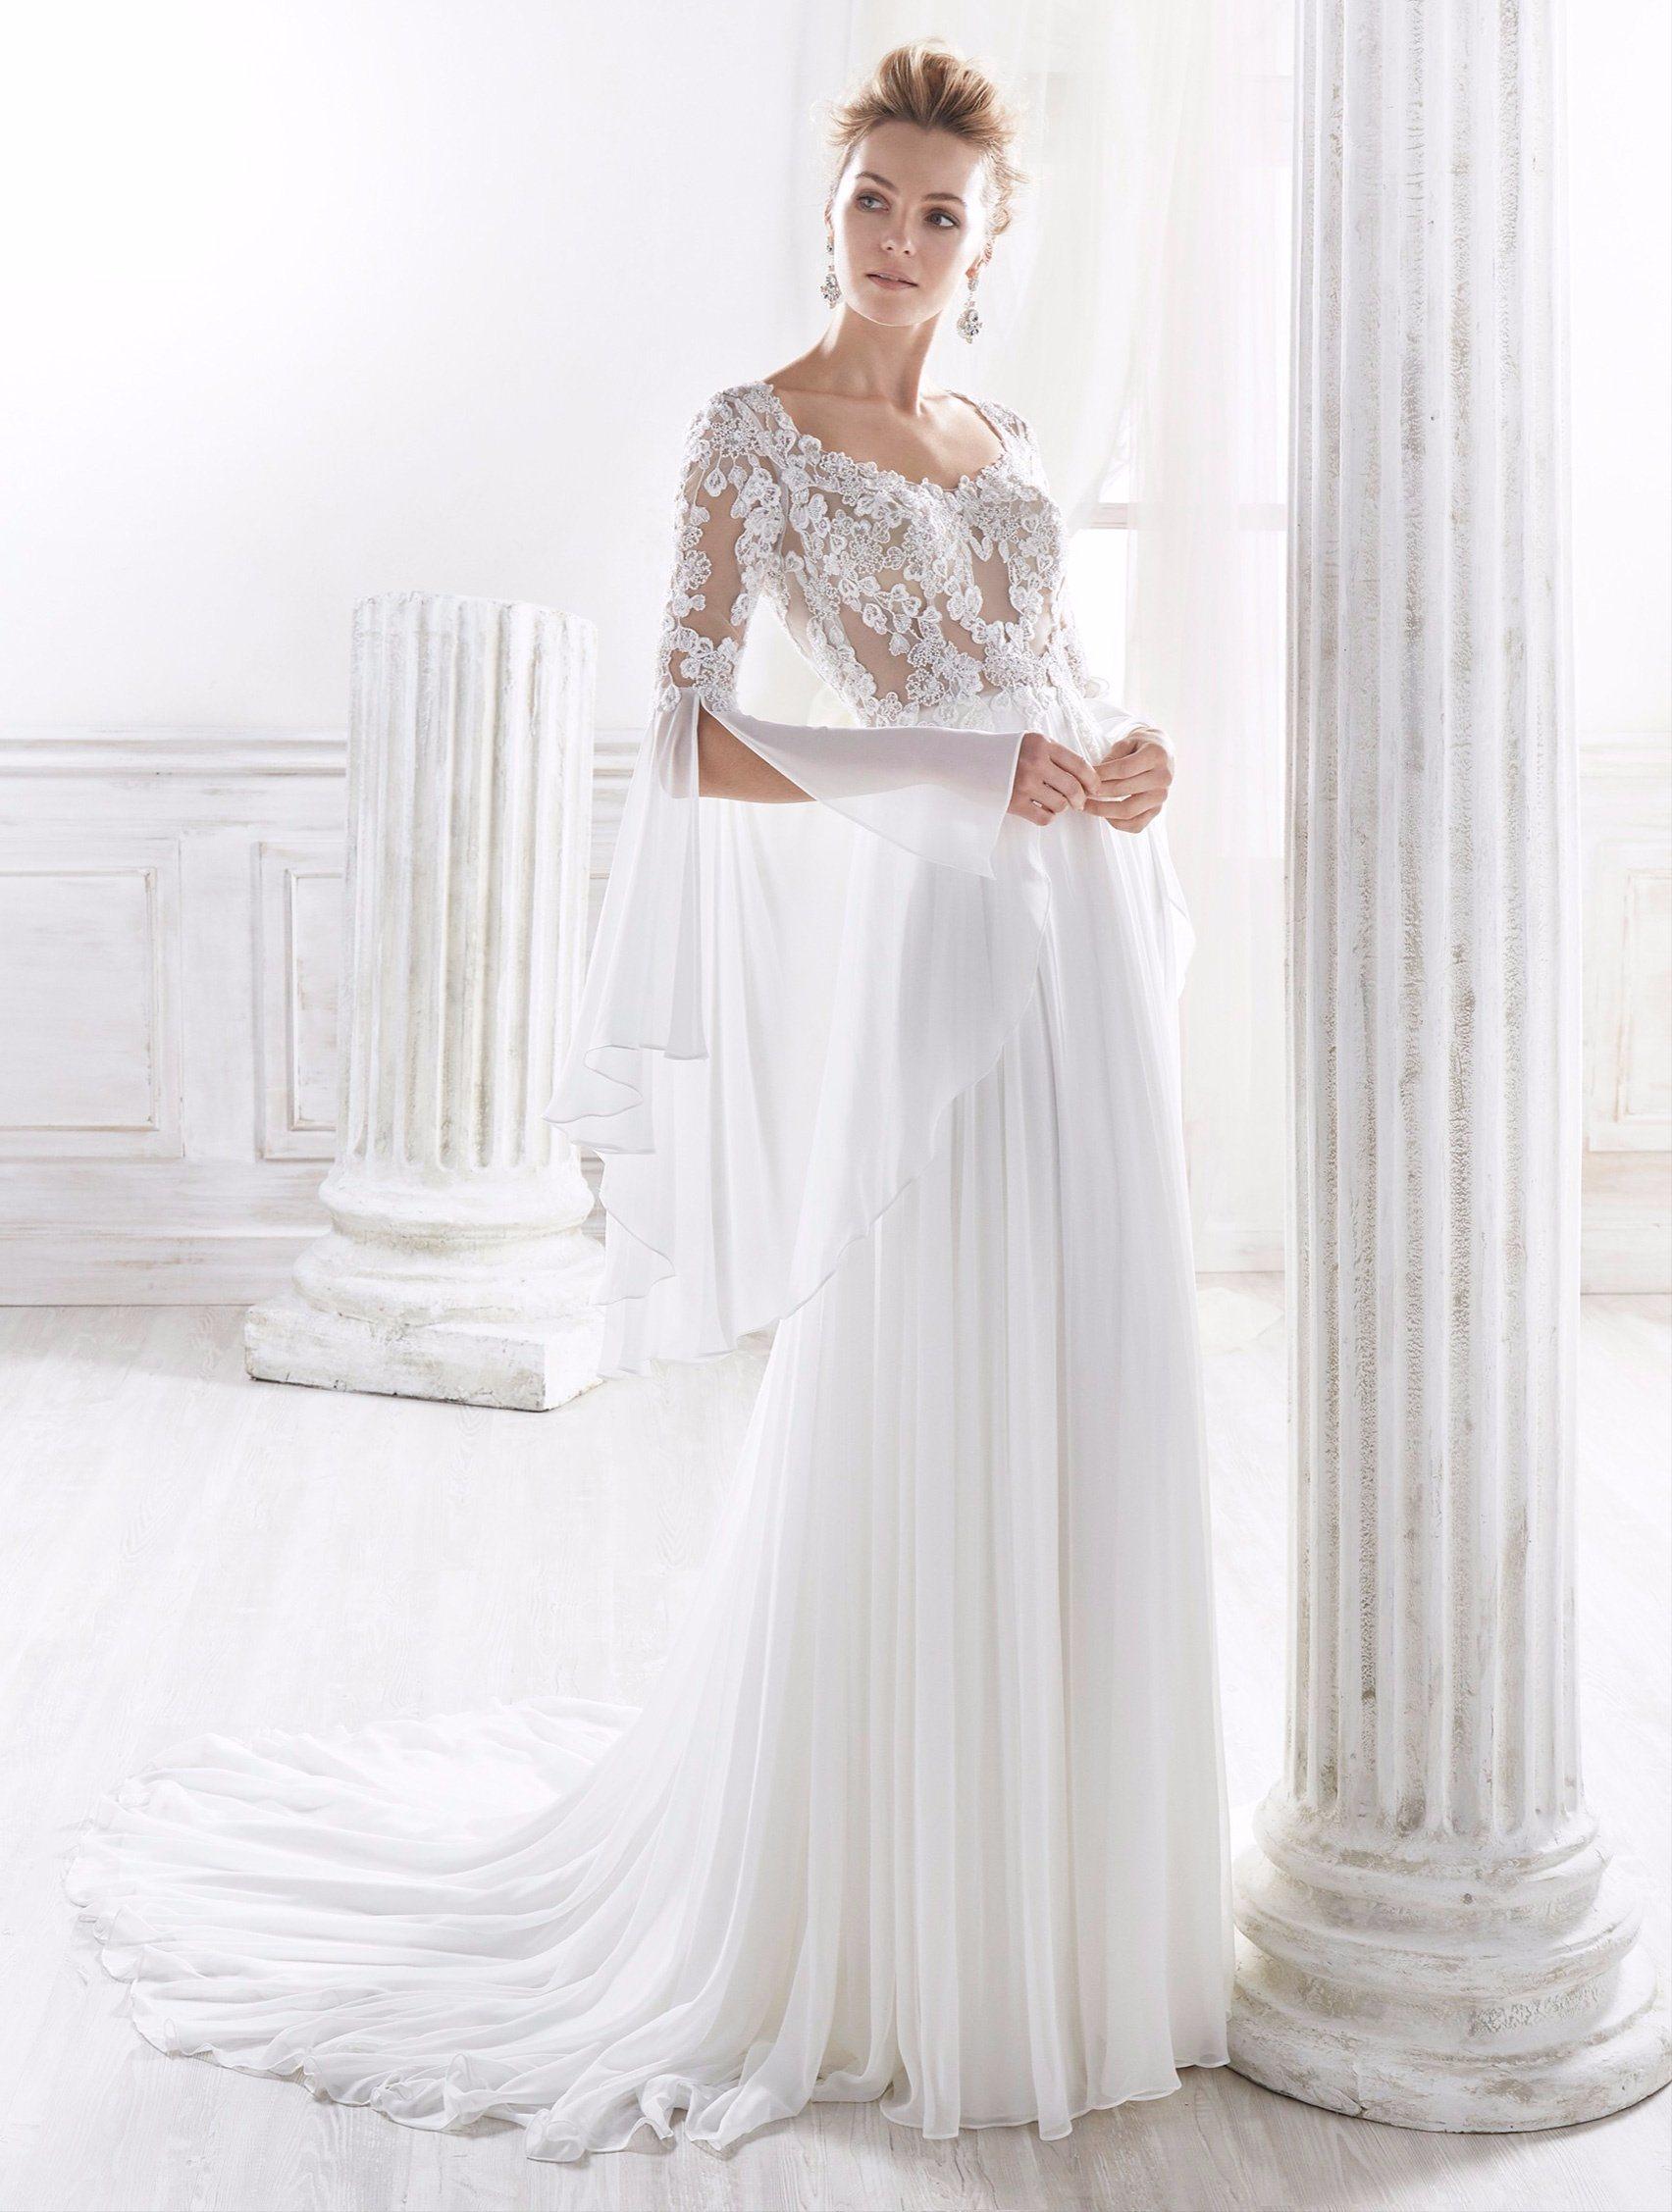 China Long Sleeve Chiffon Lace Wedding Dress Bridal Gown - China ...